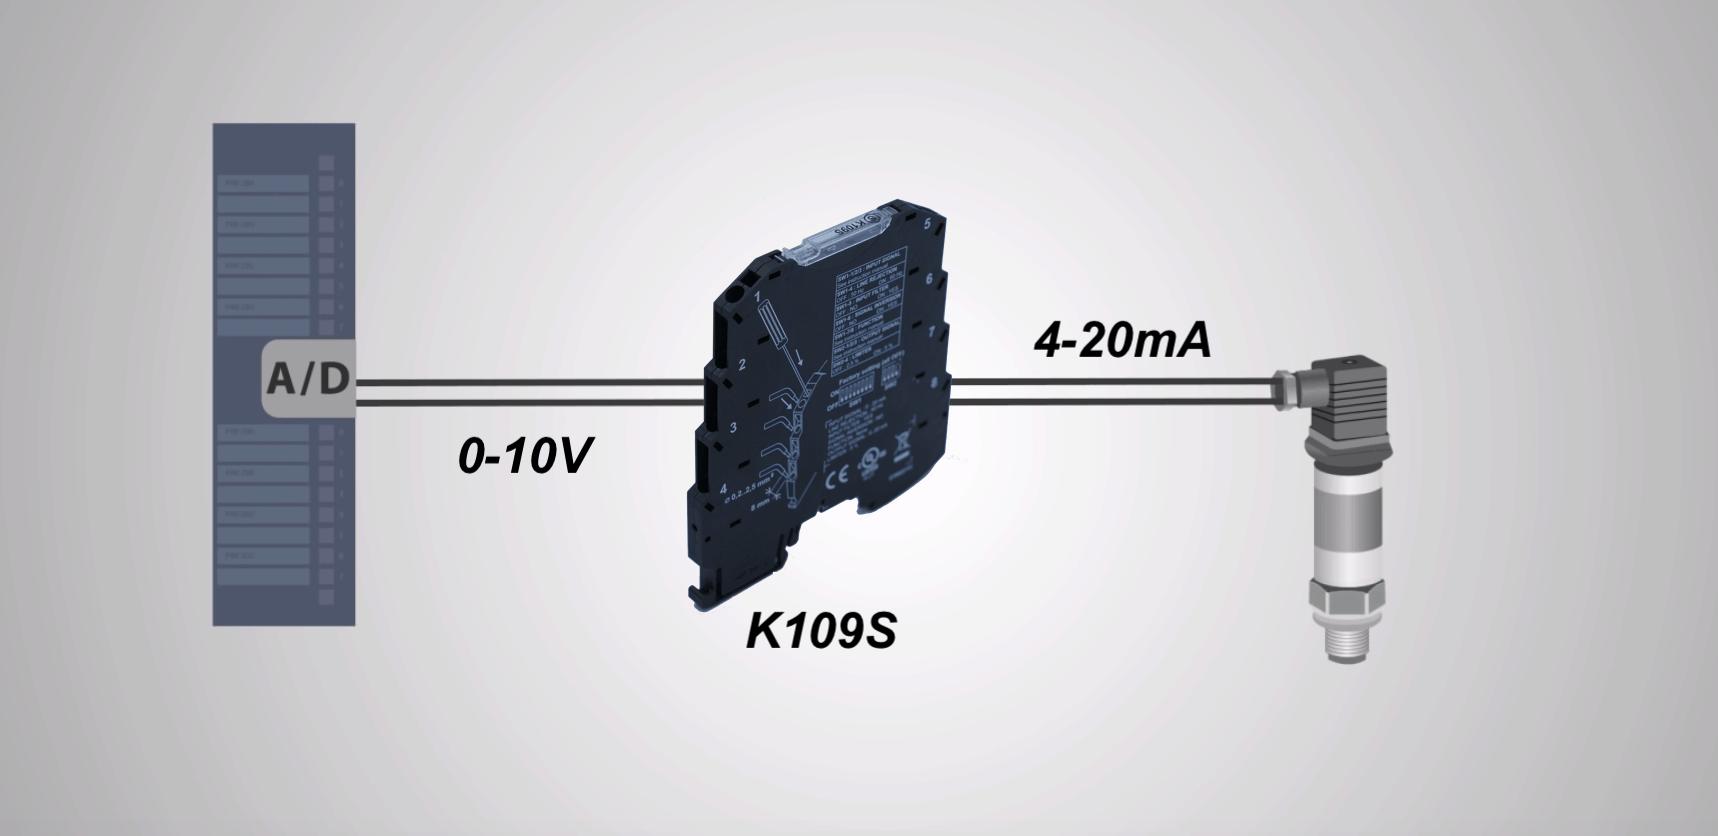 ứng dụng bộ chuyển đổi tín hiệu K109S